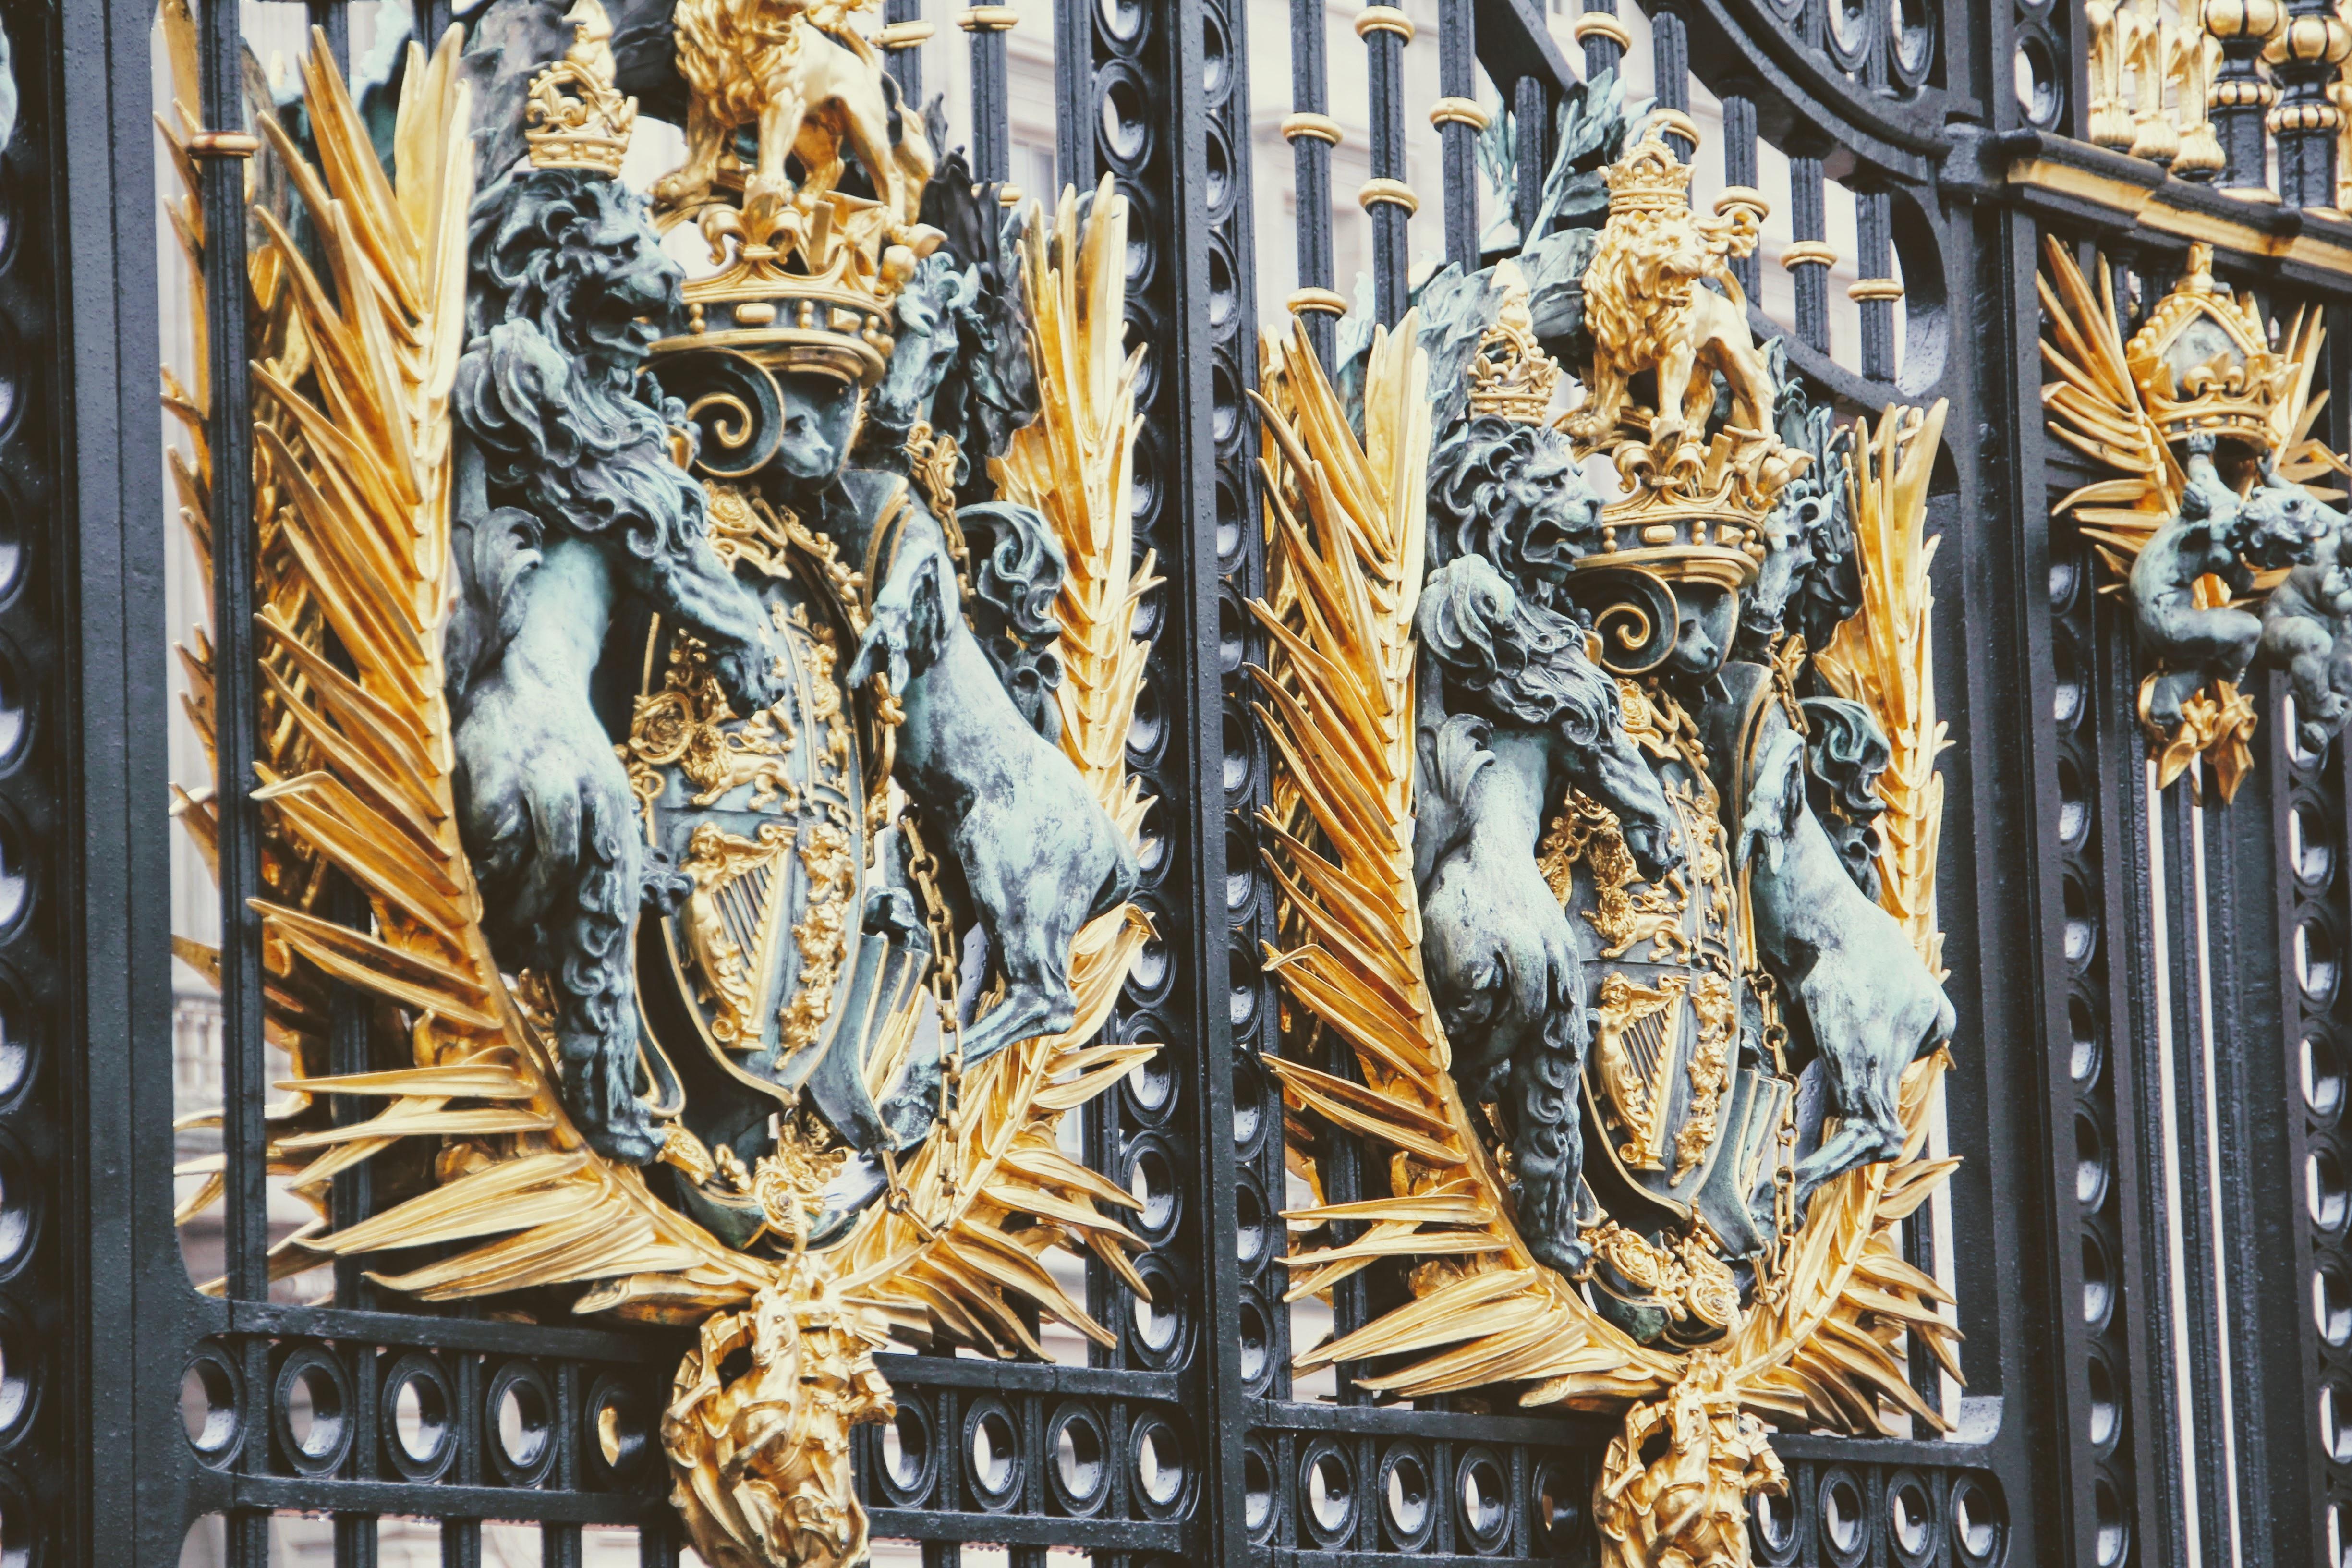 Entzückend Loewe Zaun Dekoration Von Struktur Palast Statue Golden Fassade Dom Löwe